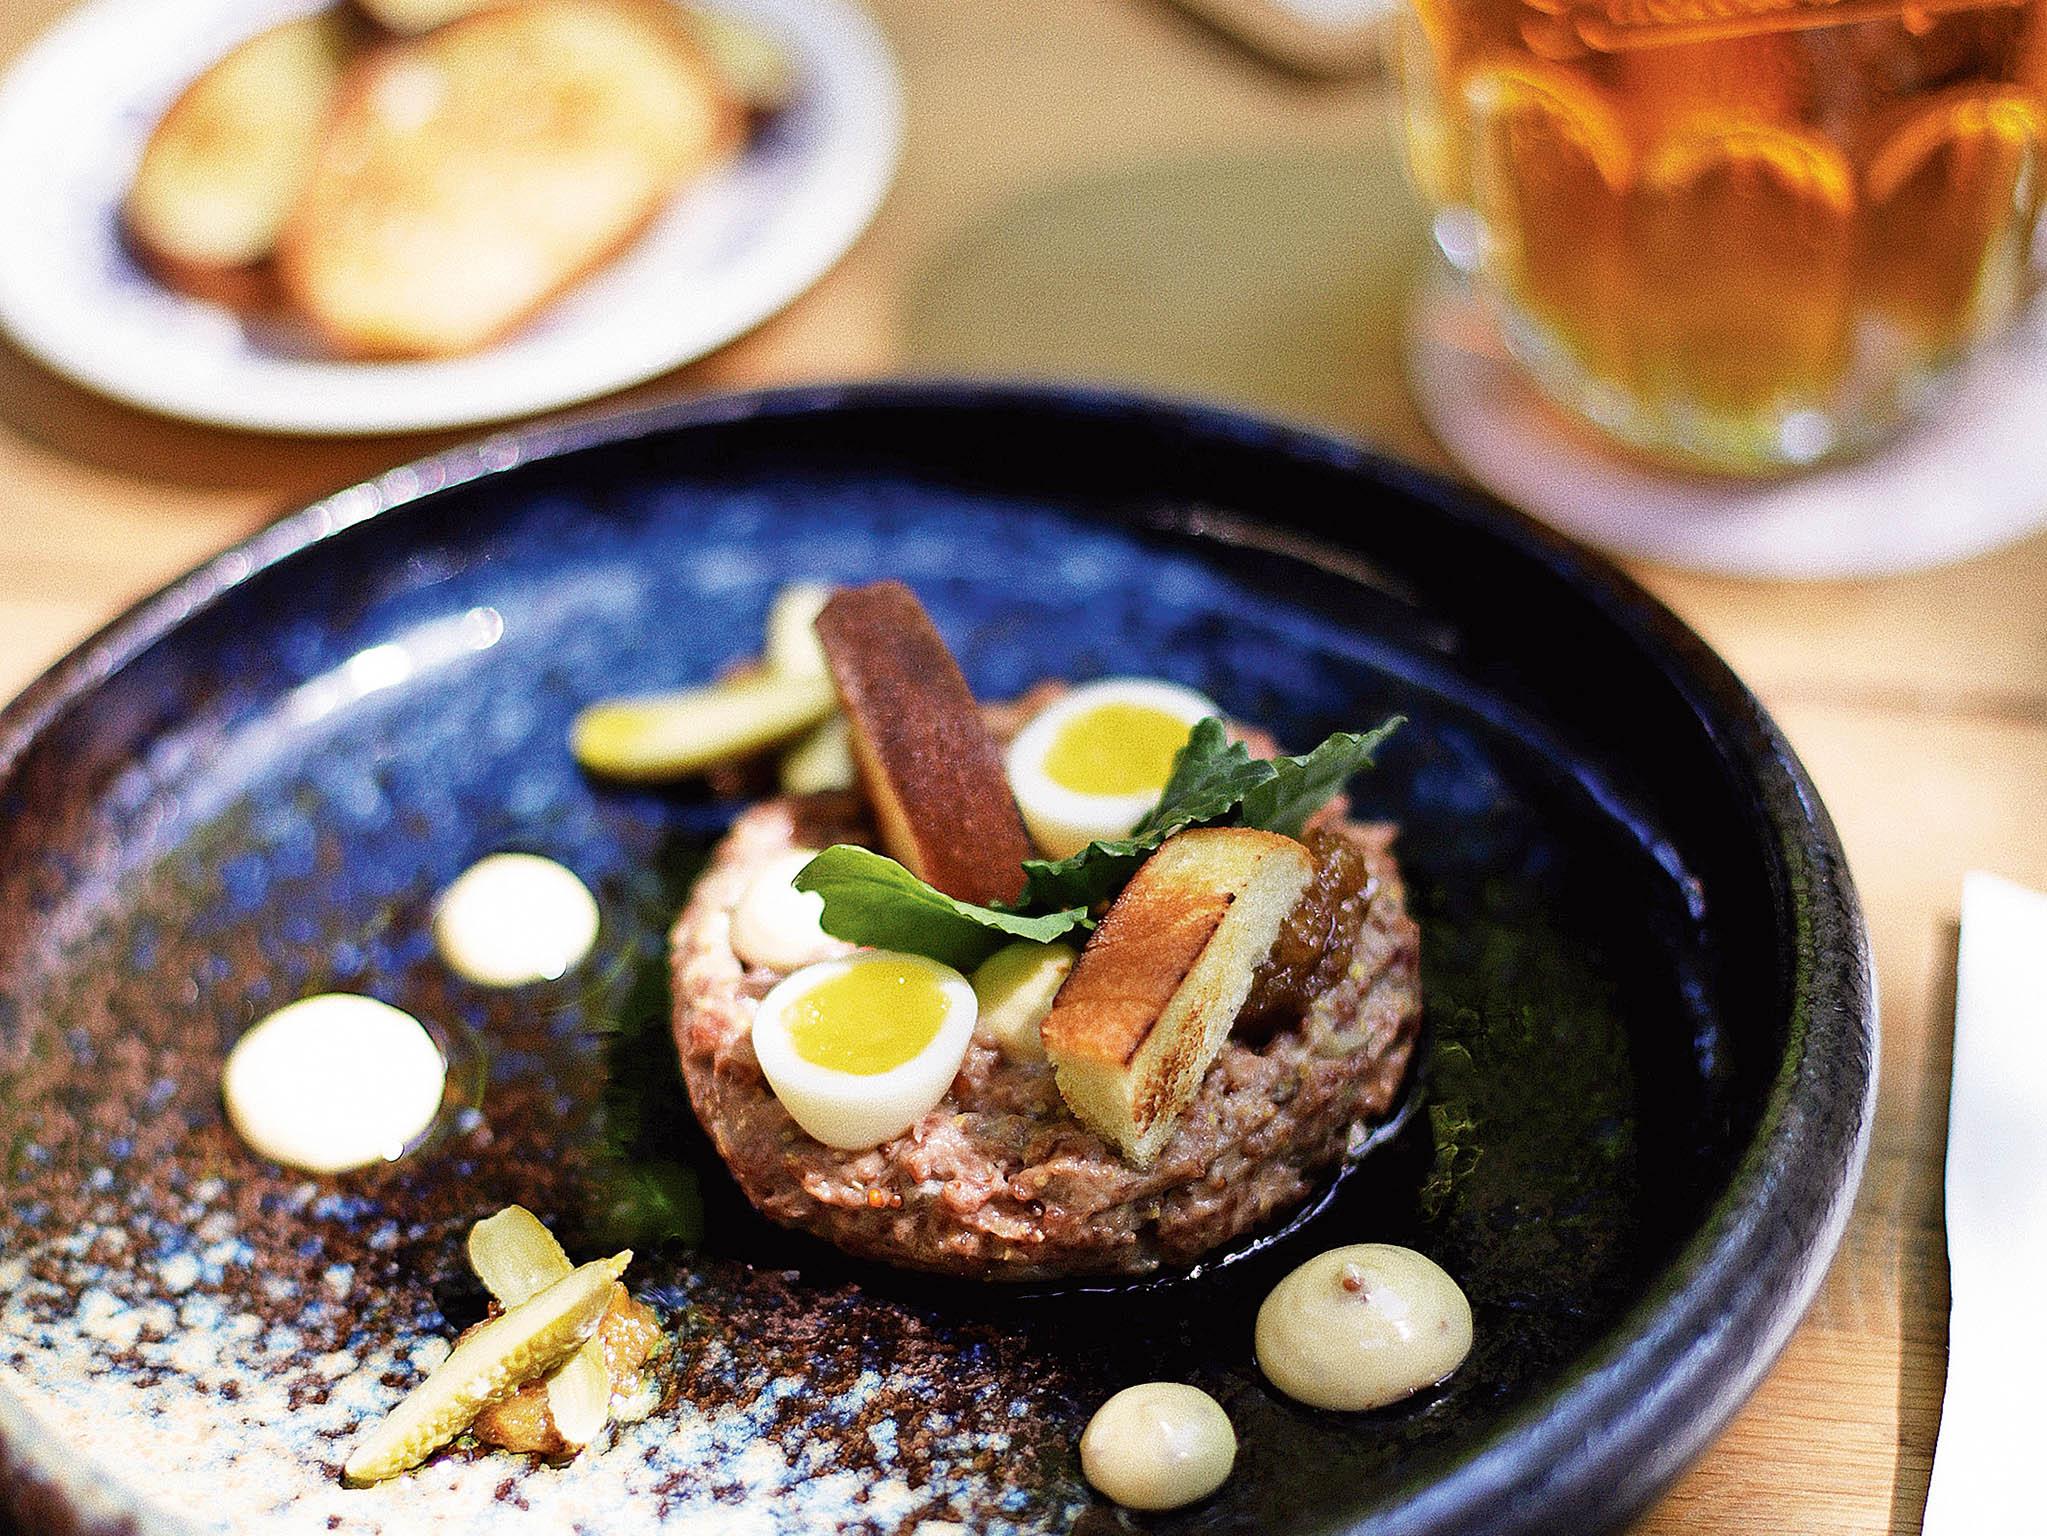 Hovězí tartar, konfitovaná cibule, čerstvá majoránka